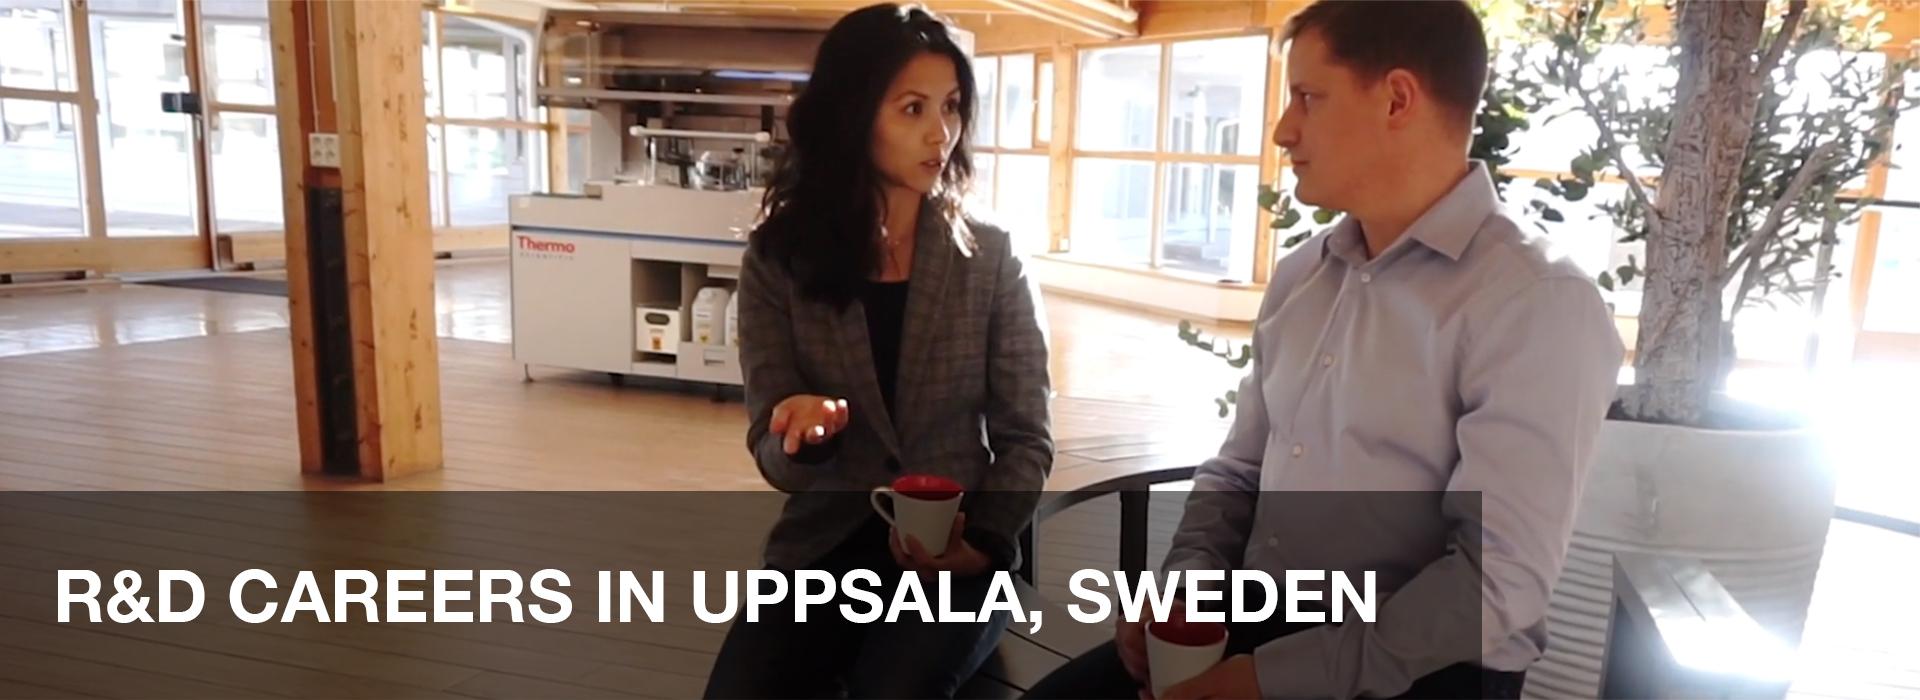 瑞典乌普萨拉 (UPPSALA) 的研发事业